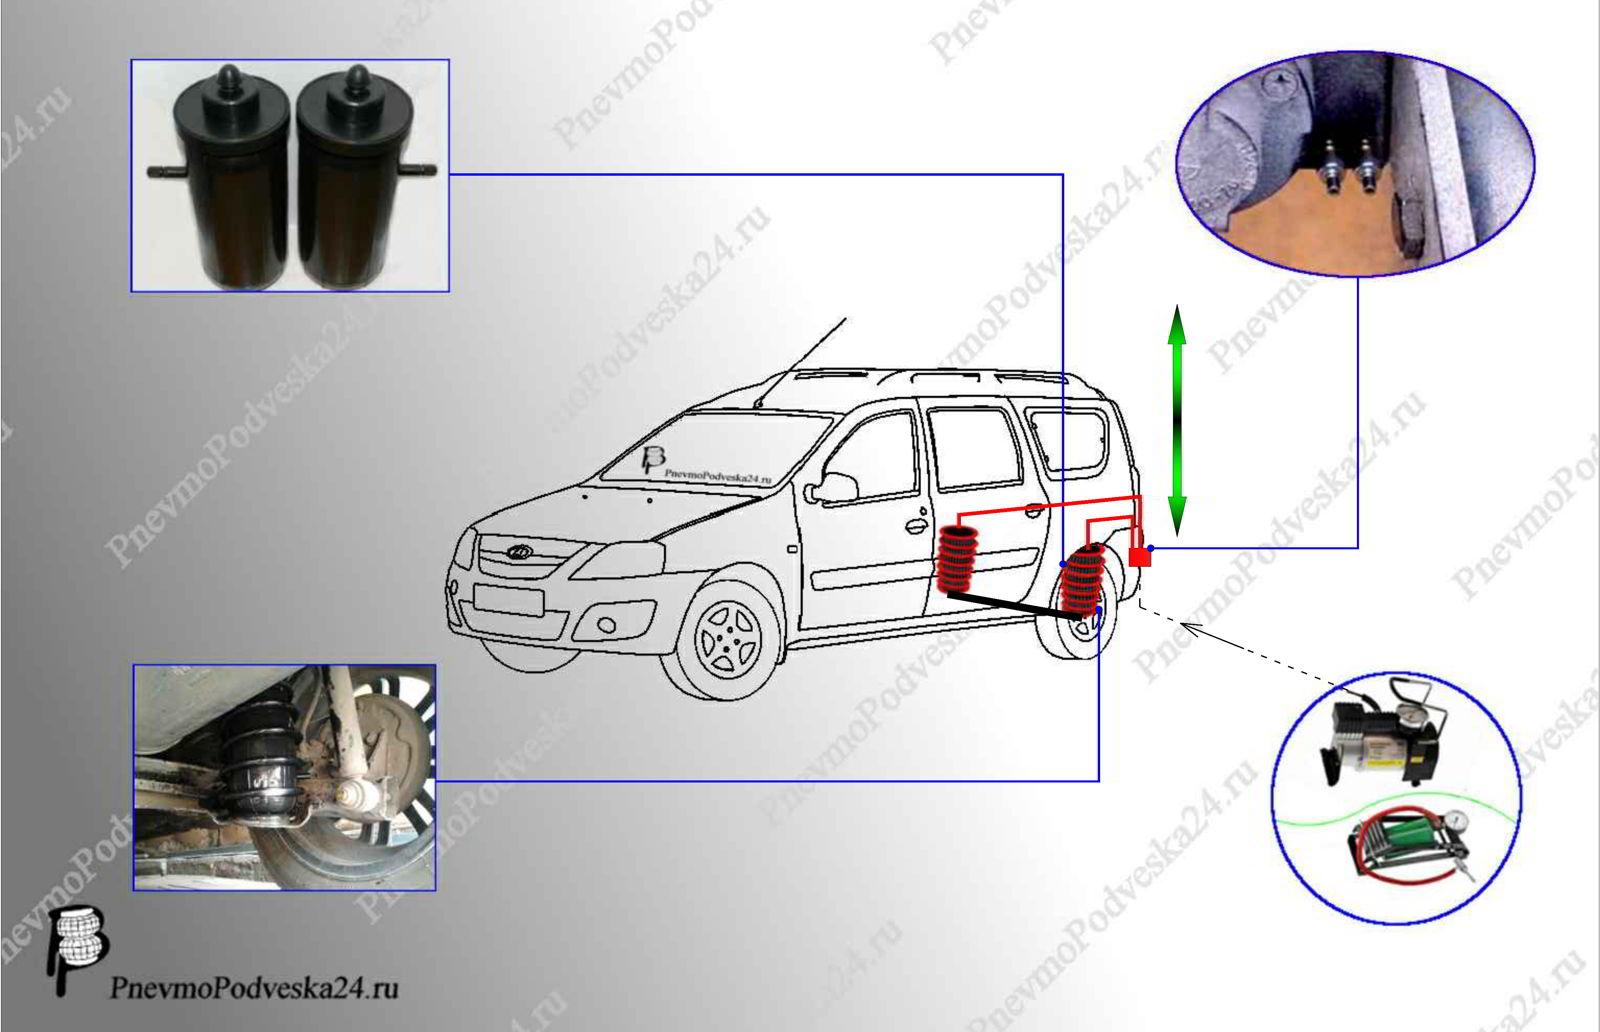 Схема пневма усиления задних пружин Ларгус